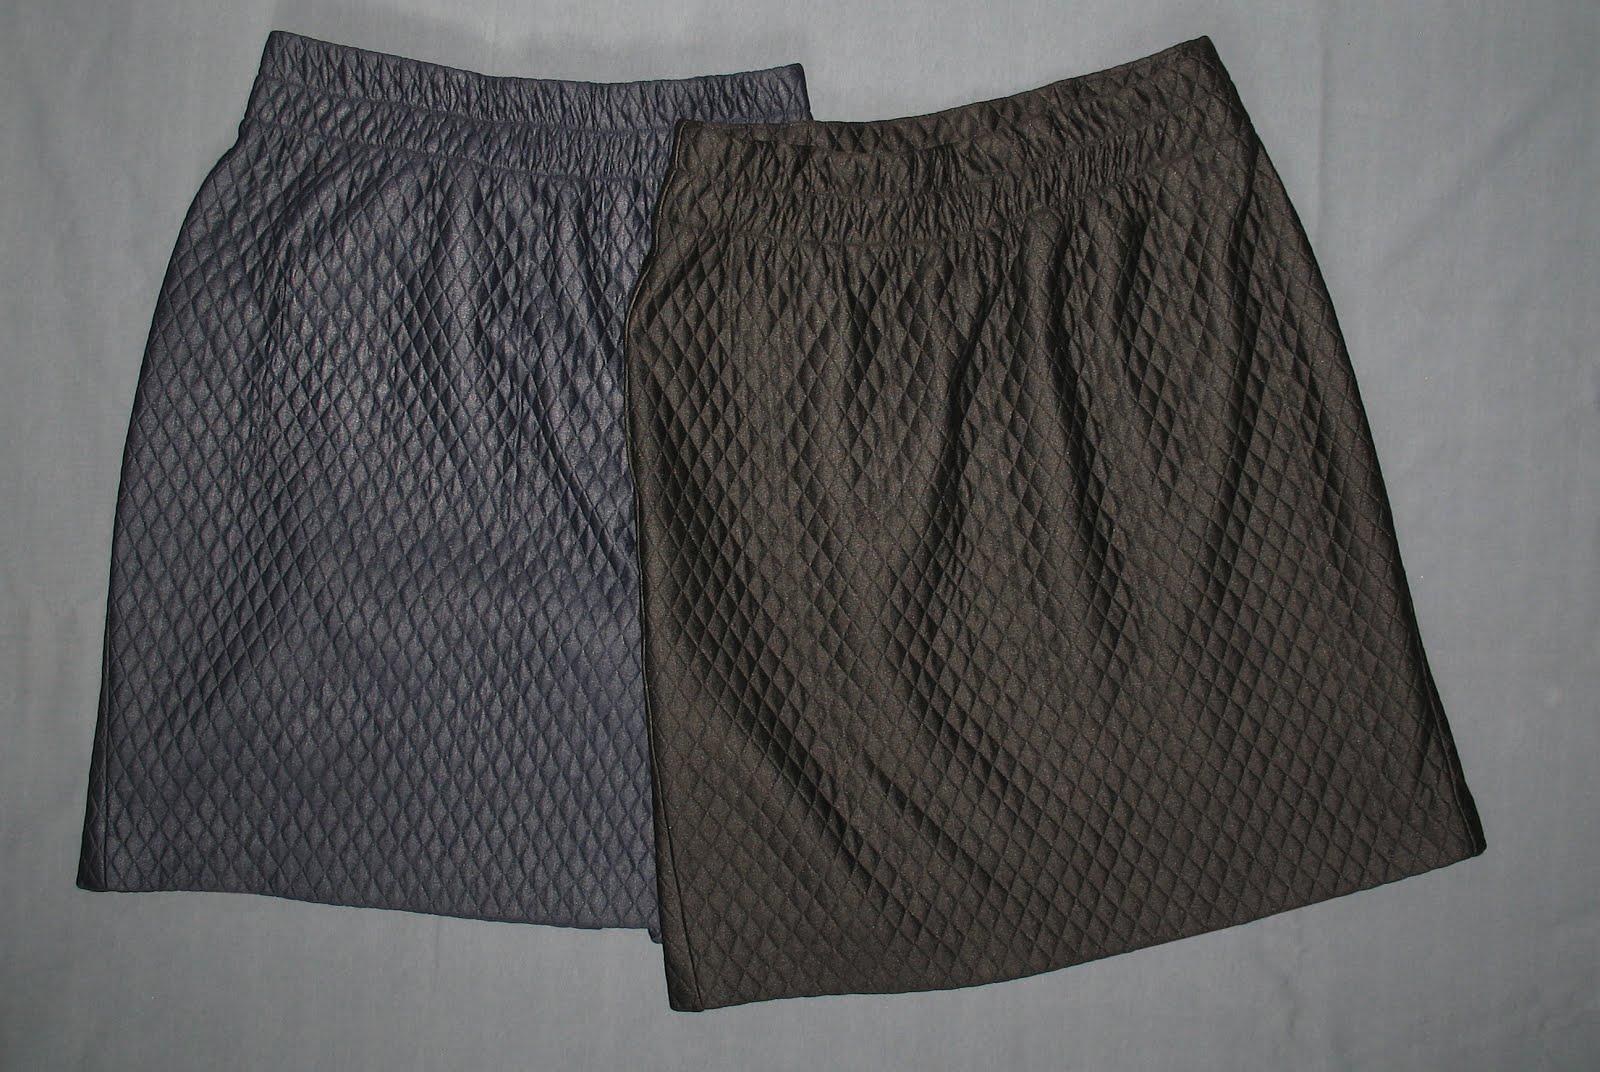 Обычная юбка